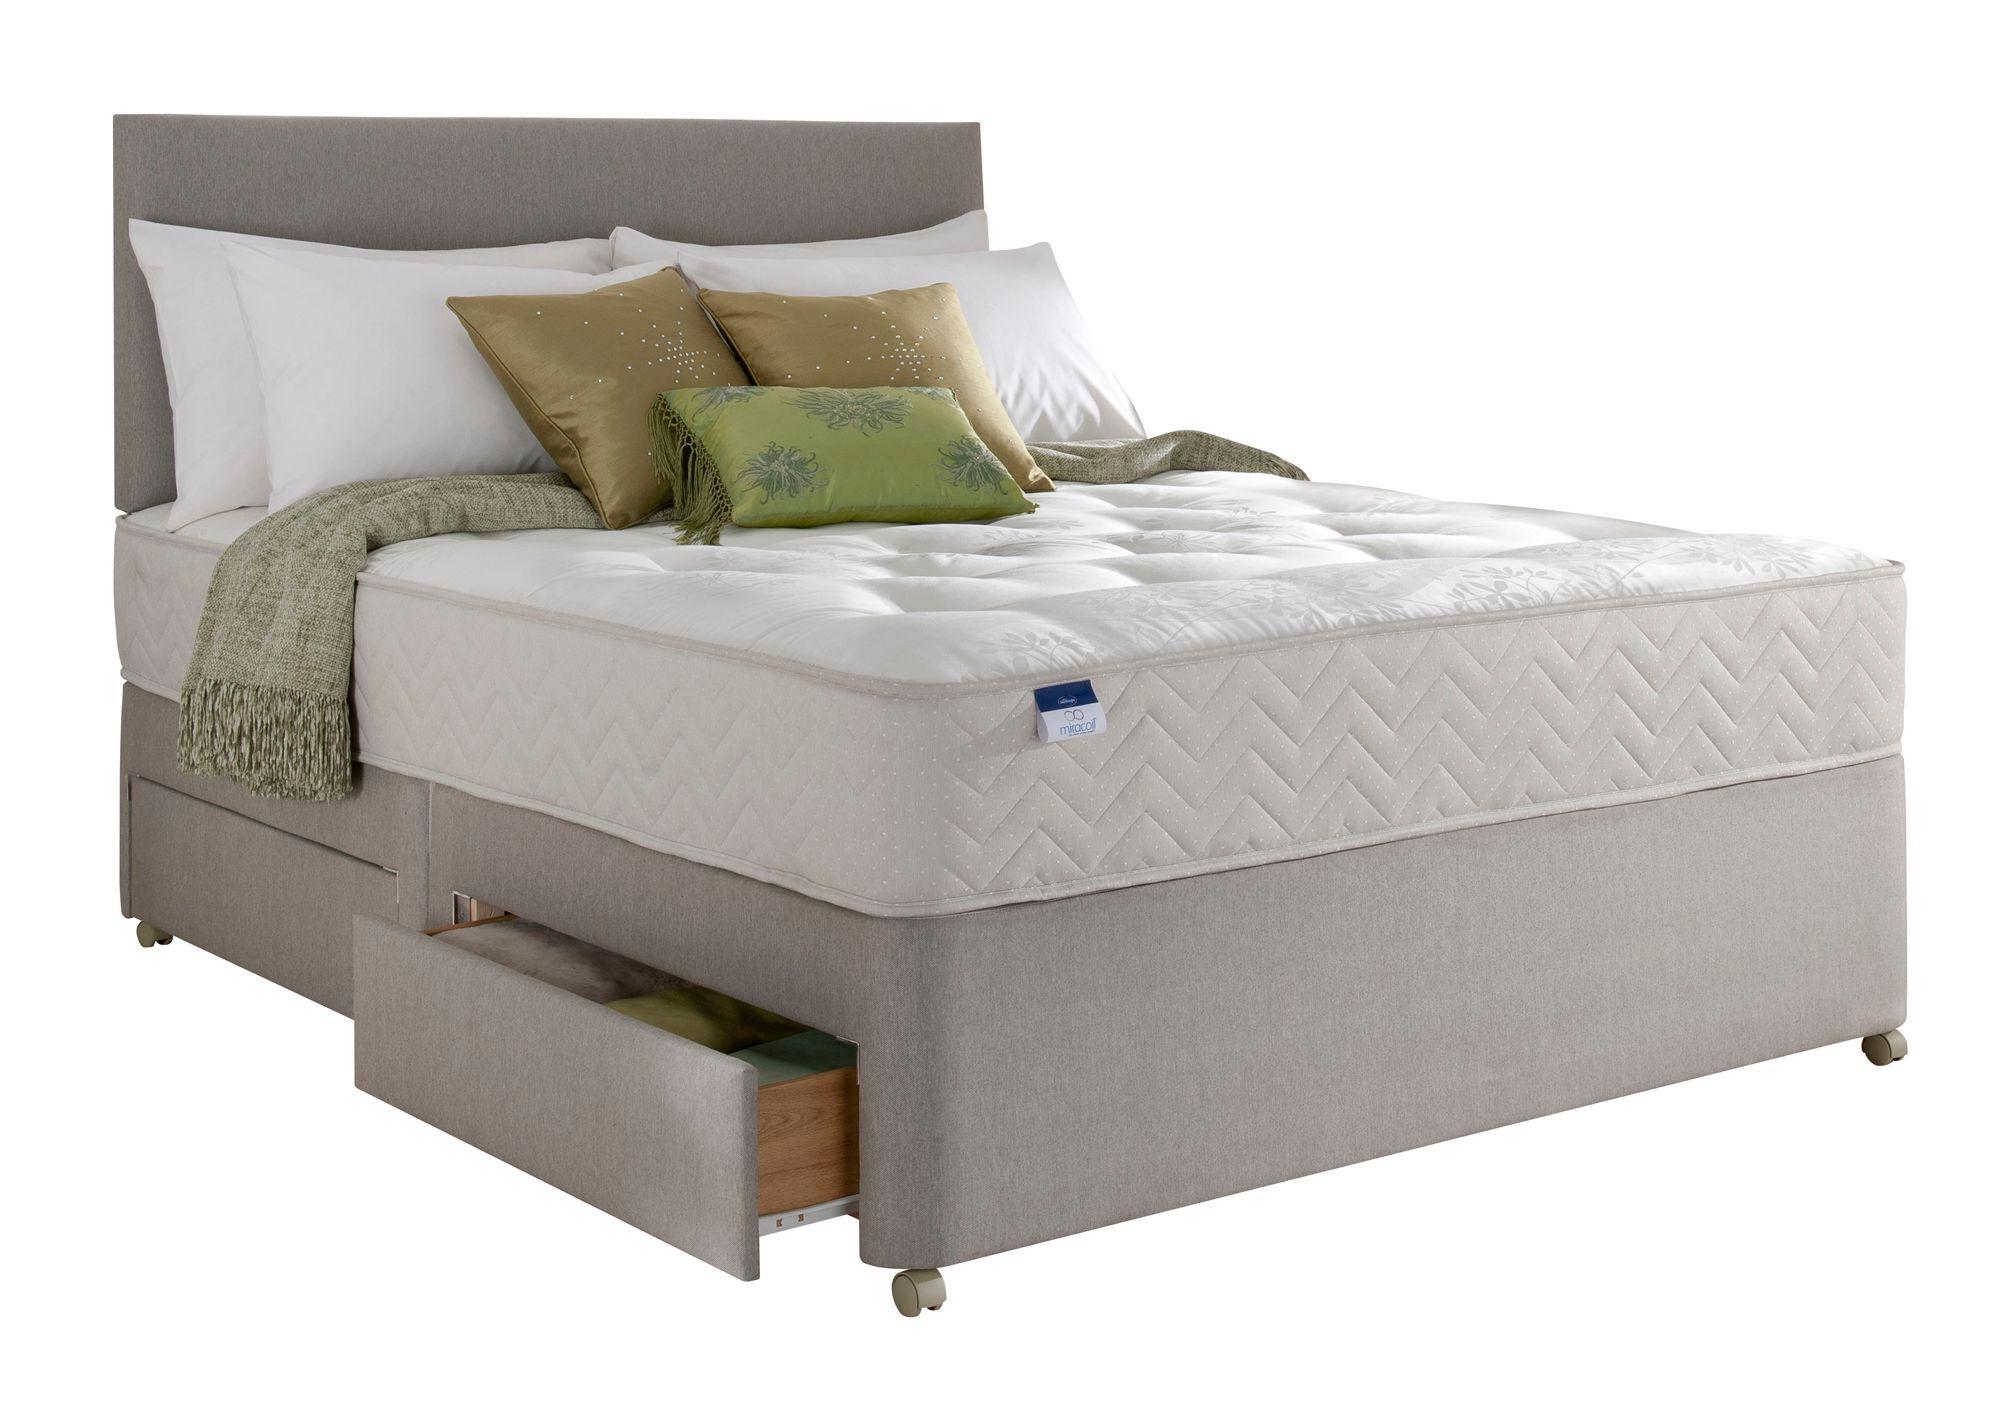 Silentnight miracoil tufted ortho super king size 4 drawer for Super king size divan set